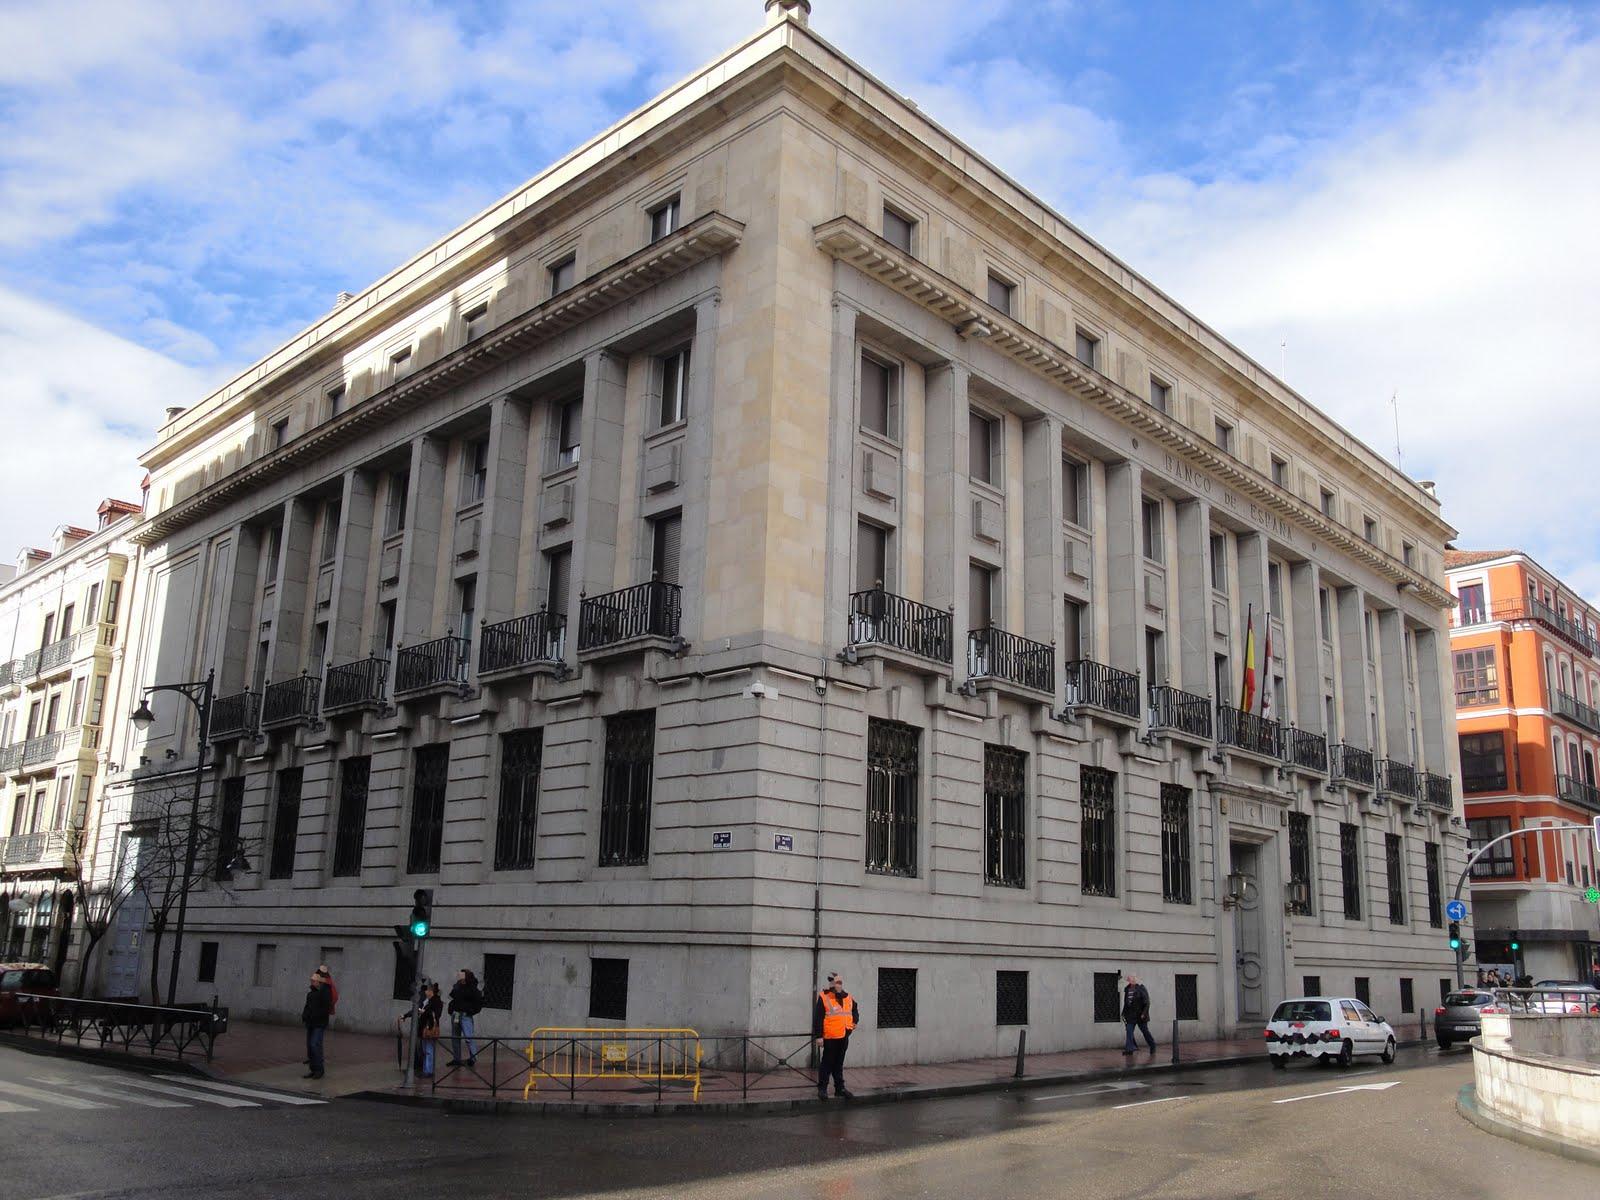 El banco de espa a en valladolid for Sucursales banco espana